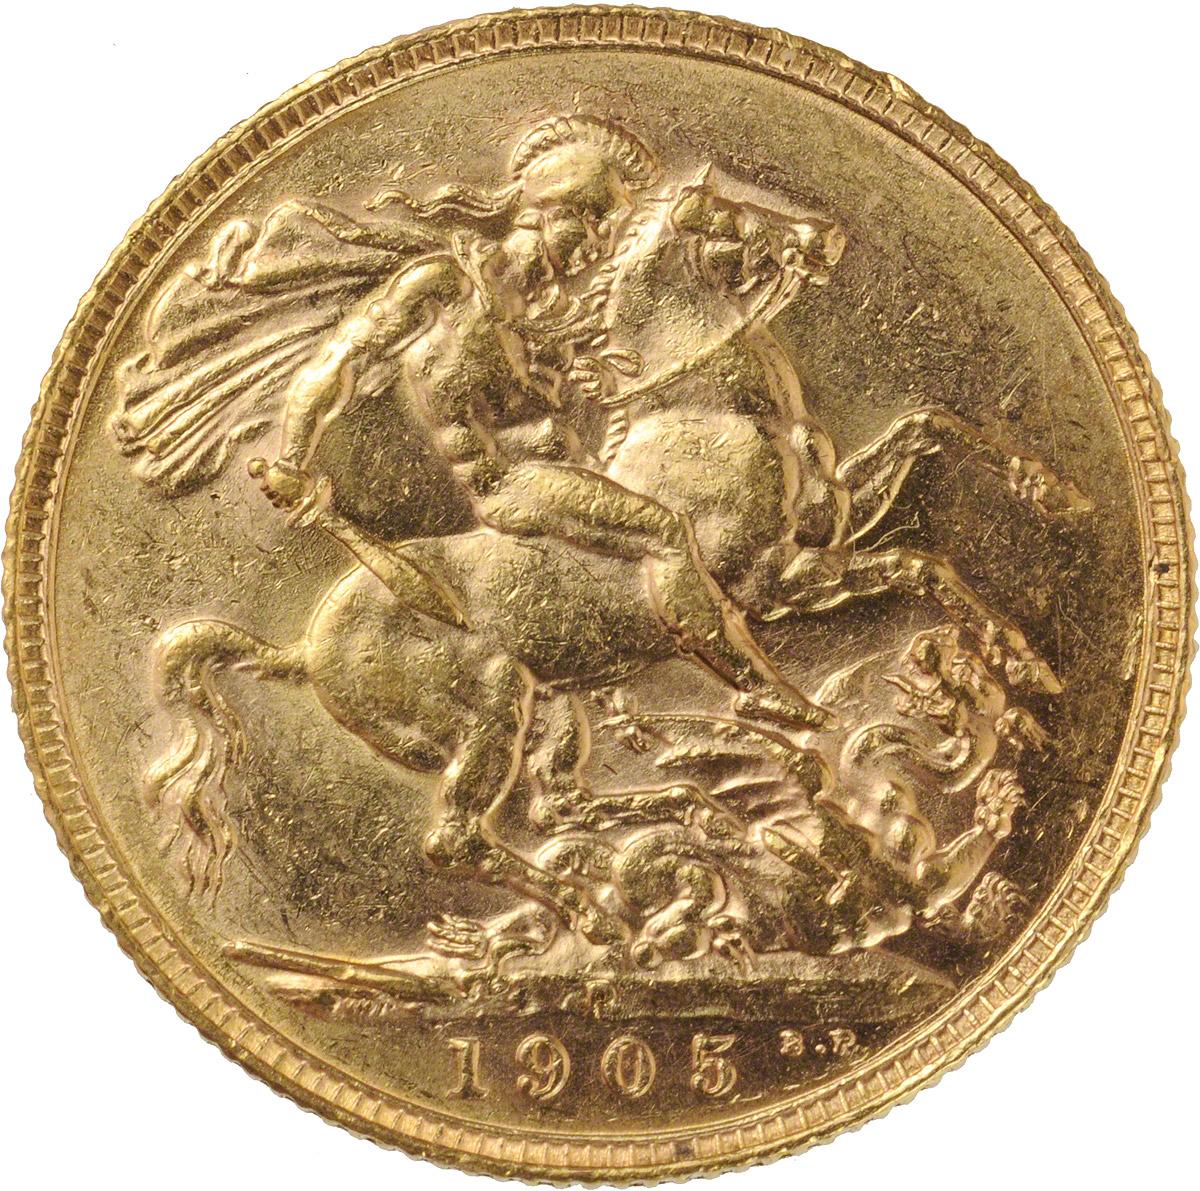 1905 Εδουάρδος Ζ' (Νομισματοκοπείο Περθ)